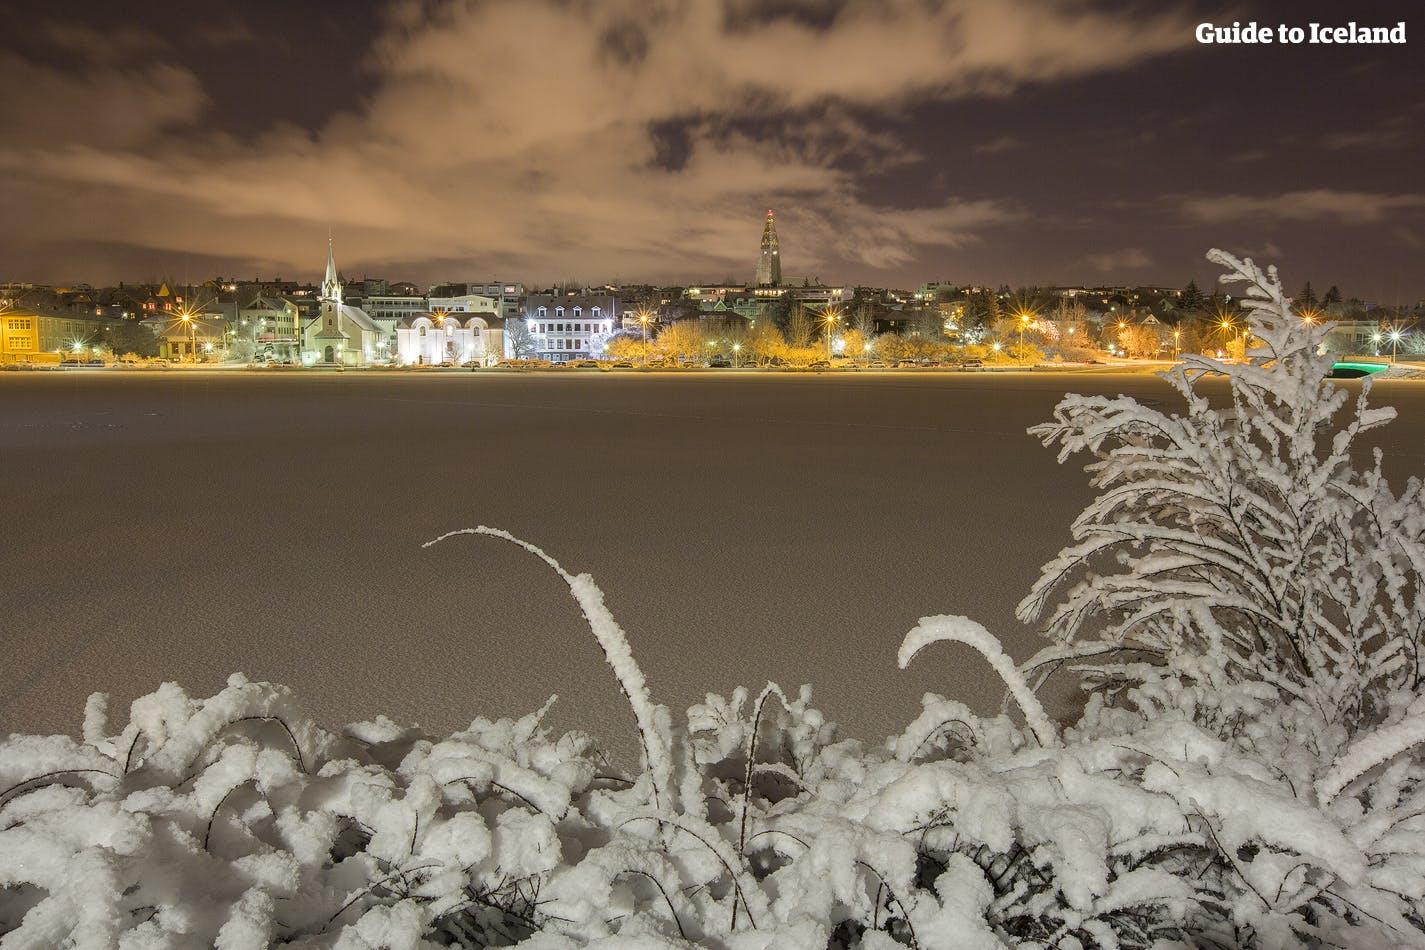 9-дневный зимний пакетный тур| Вокруг Исландии на микроавтобусе - day 9